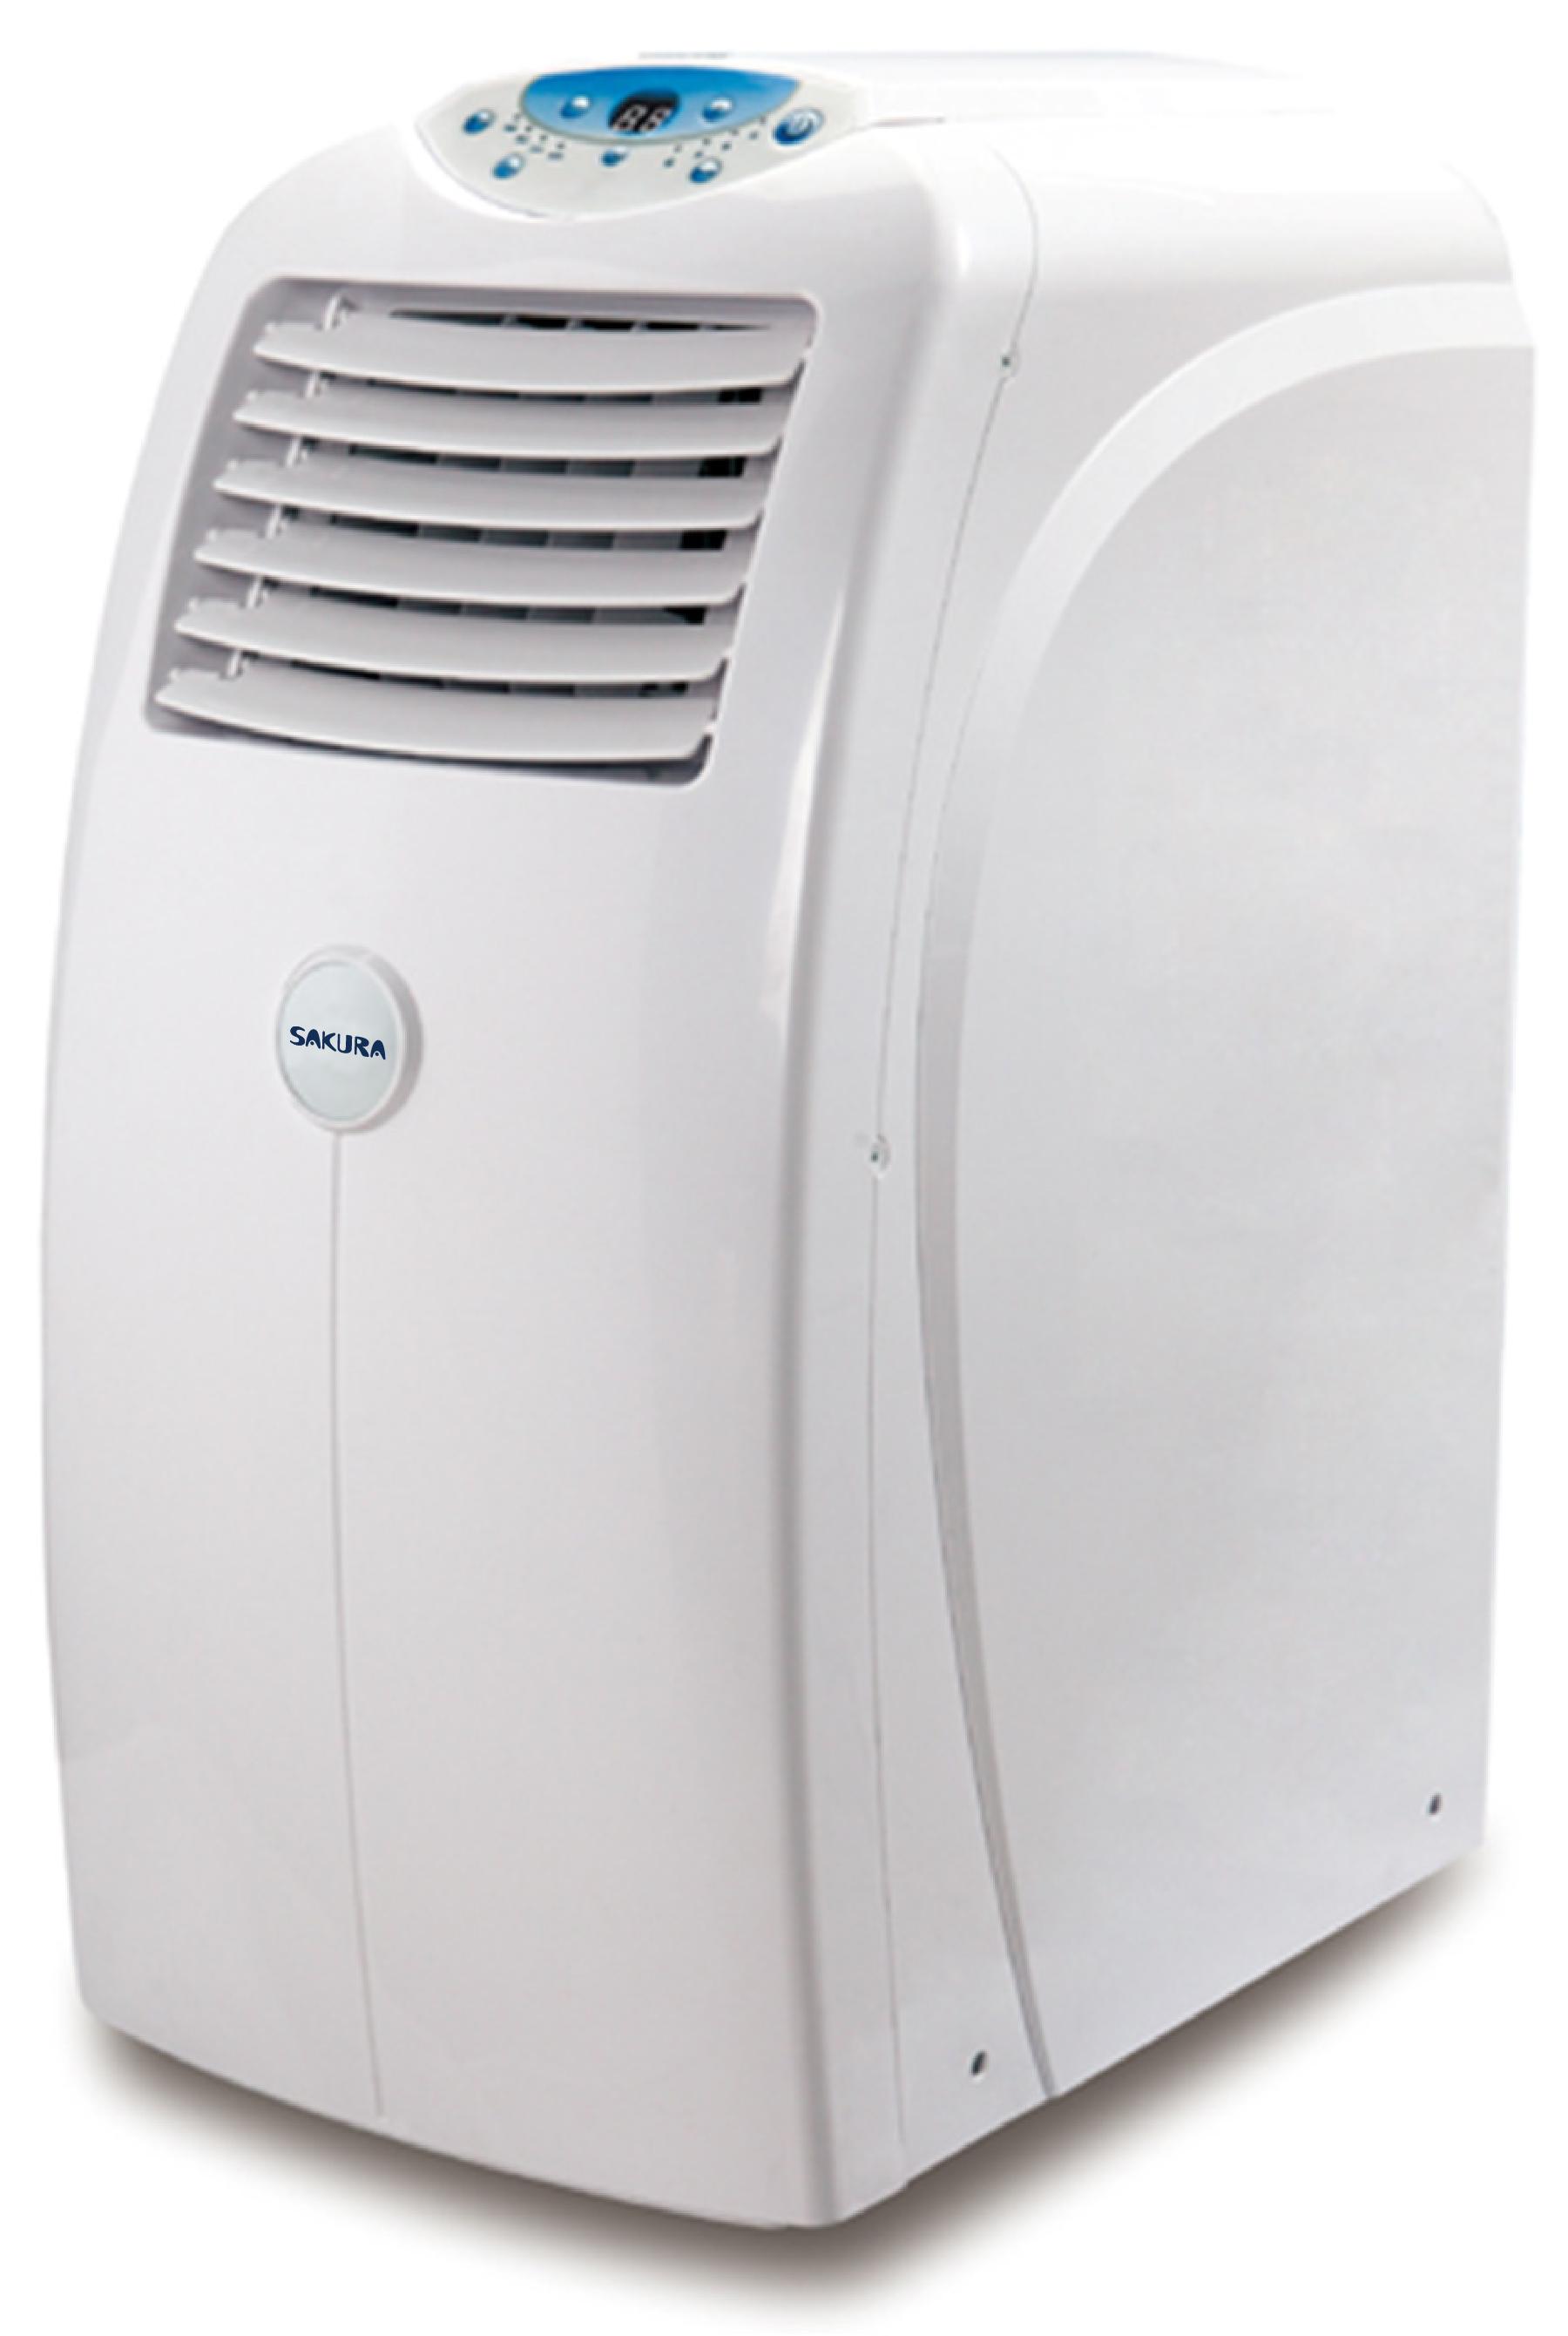 Mobilní klimatizace Sakura STAC 15 CPA/NB + ZDARMA SERVIS bez starostí